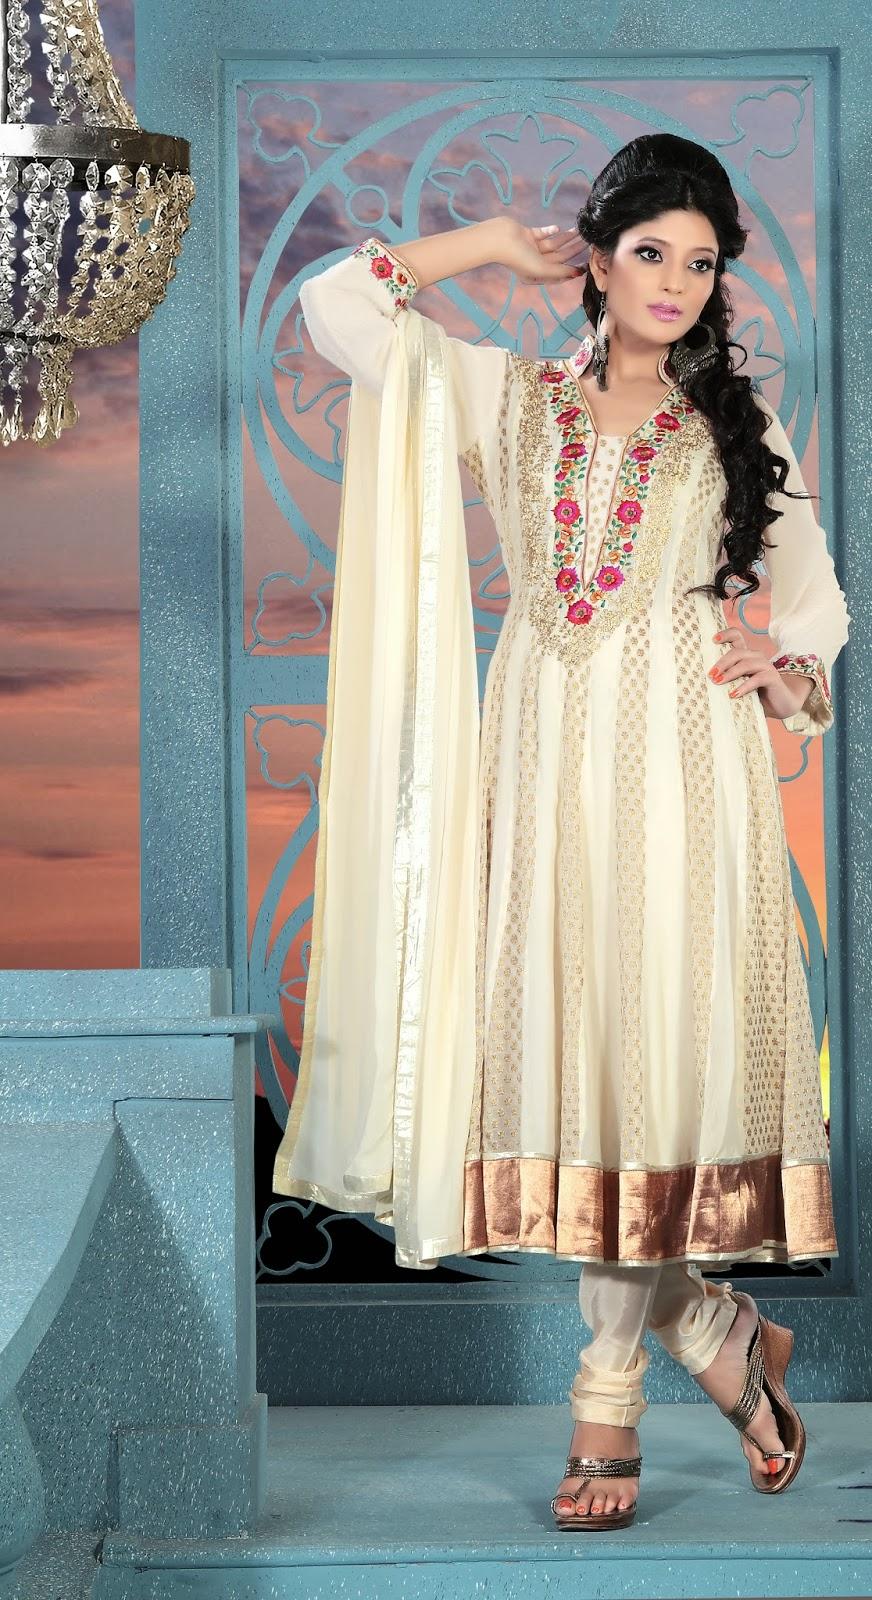 Stylish white dress wedding umbrella frocks churidar designs - For More About Other Anarkali Designed Dress Pleas Visit Buy Printed Anarkali Designer Dress Online Anarkali Designer Dress Order Chikankari Anarkali